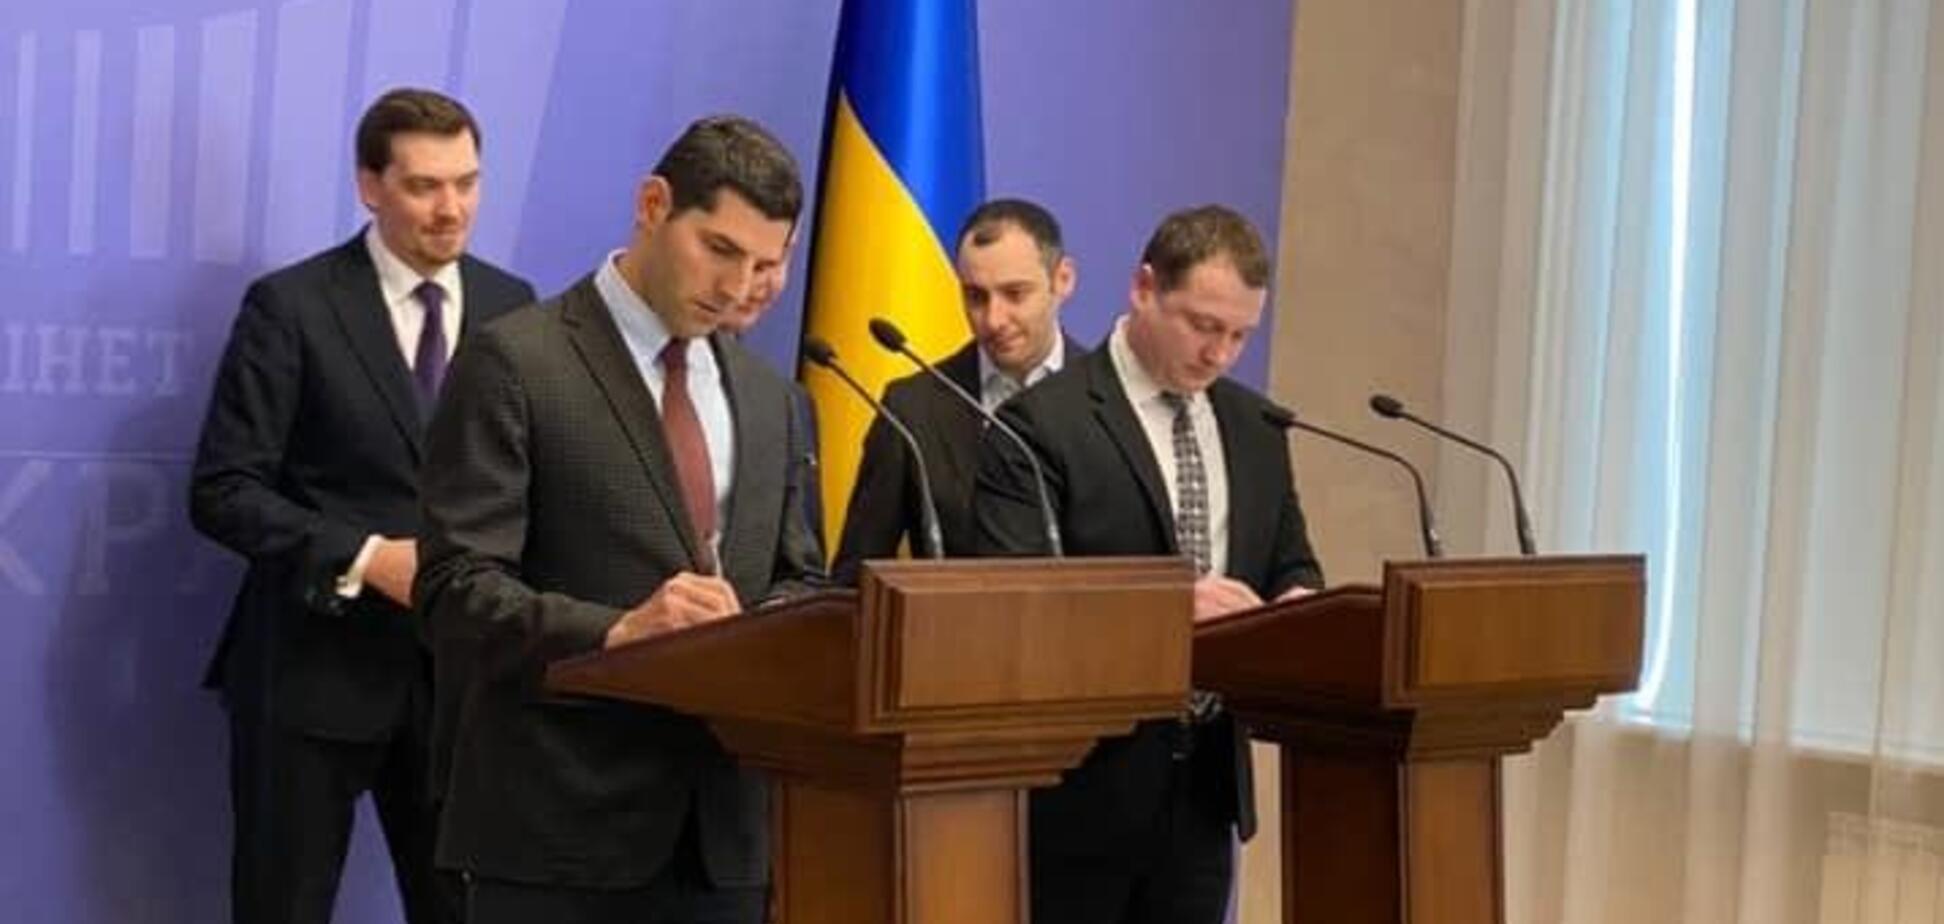 Договір на добудову запорізьких мостів підписаний, - координатор 'Великого Будівництва' Юрій Голик